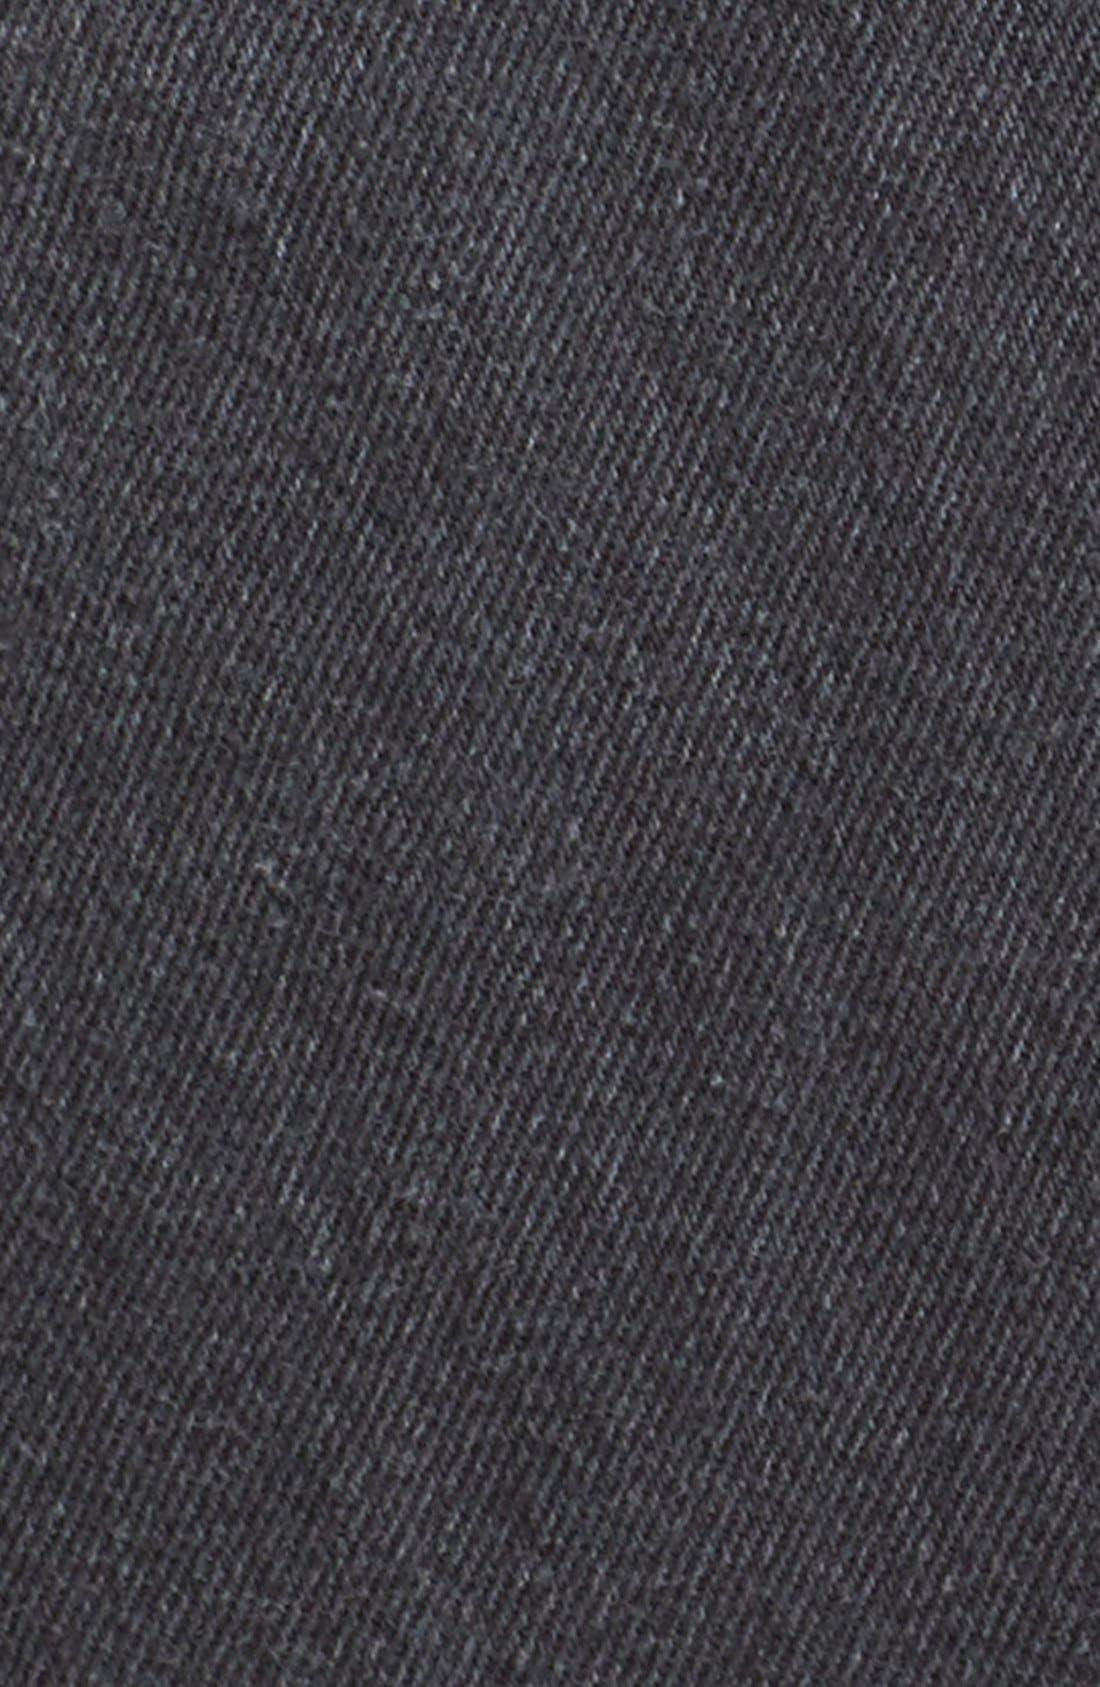 High Waist Repurposed Denim Miniskirt,                             Alternate thumbnail 5, color,                             Black